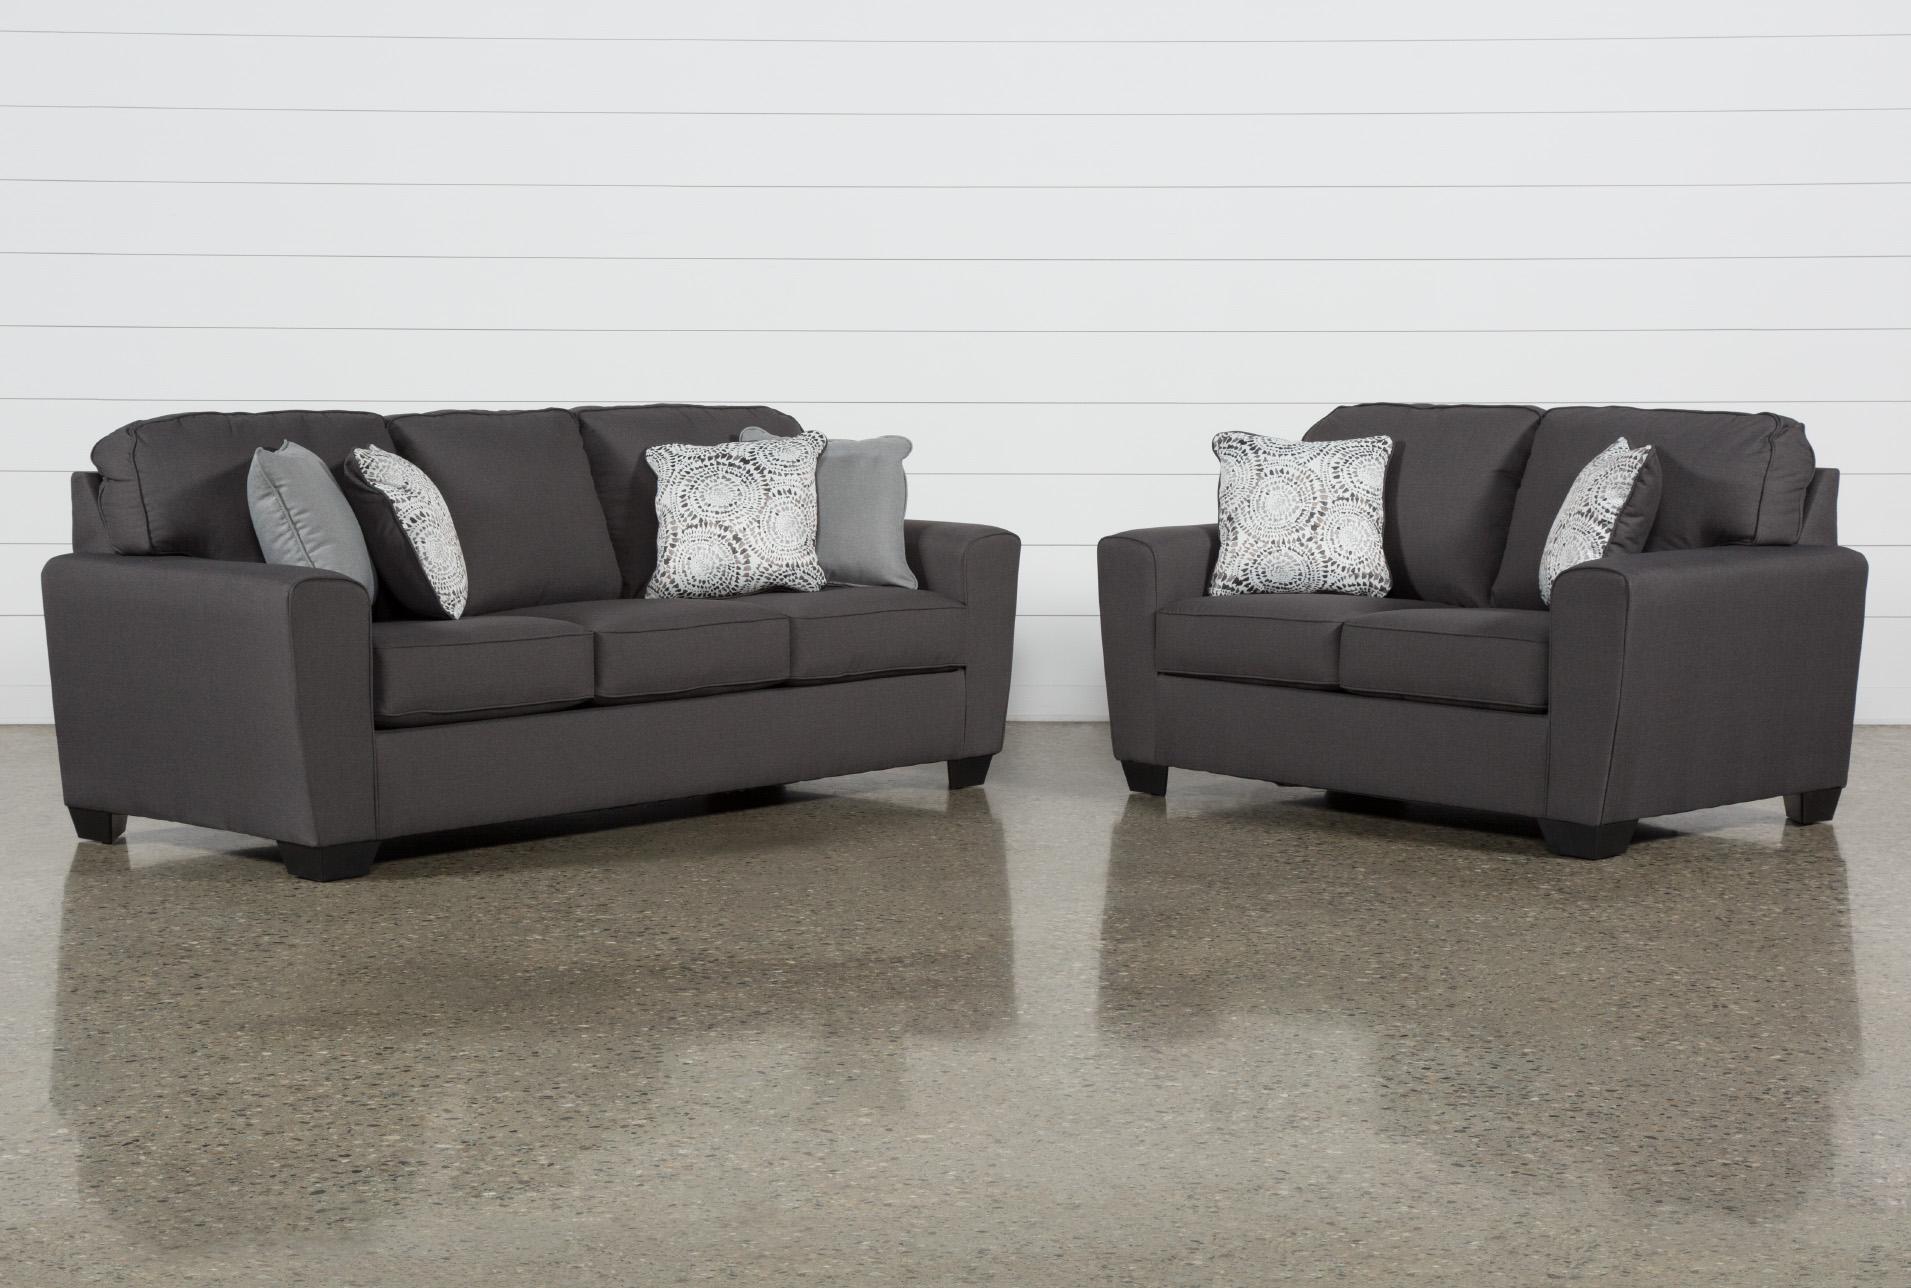 Mcdade Graphite 2 Piece Living Room Set